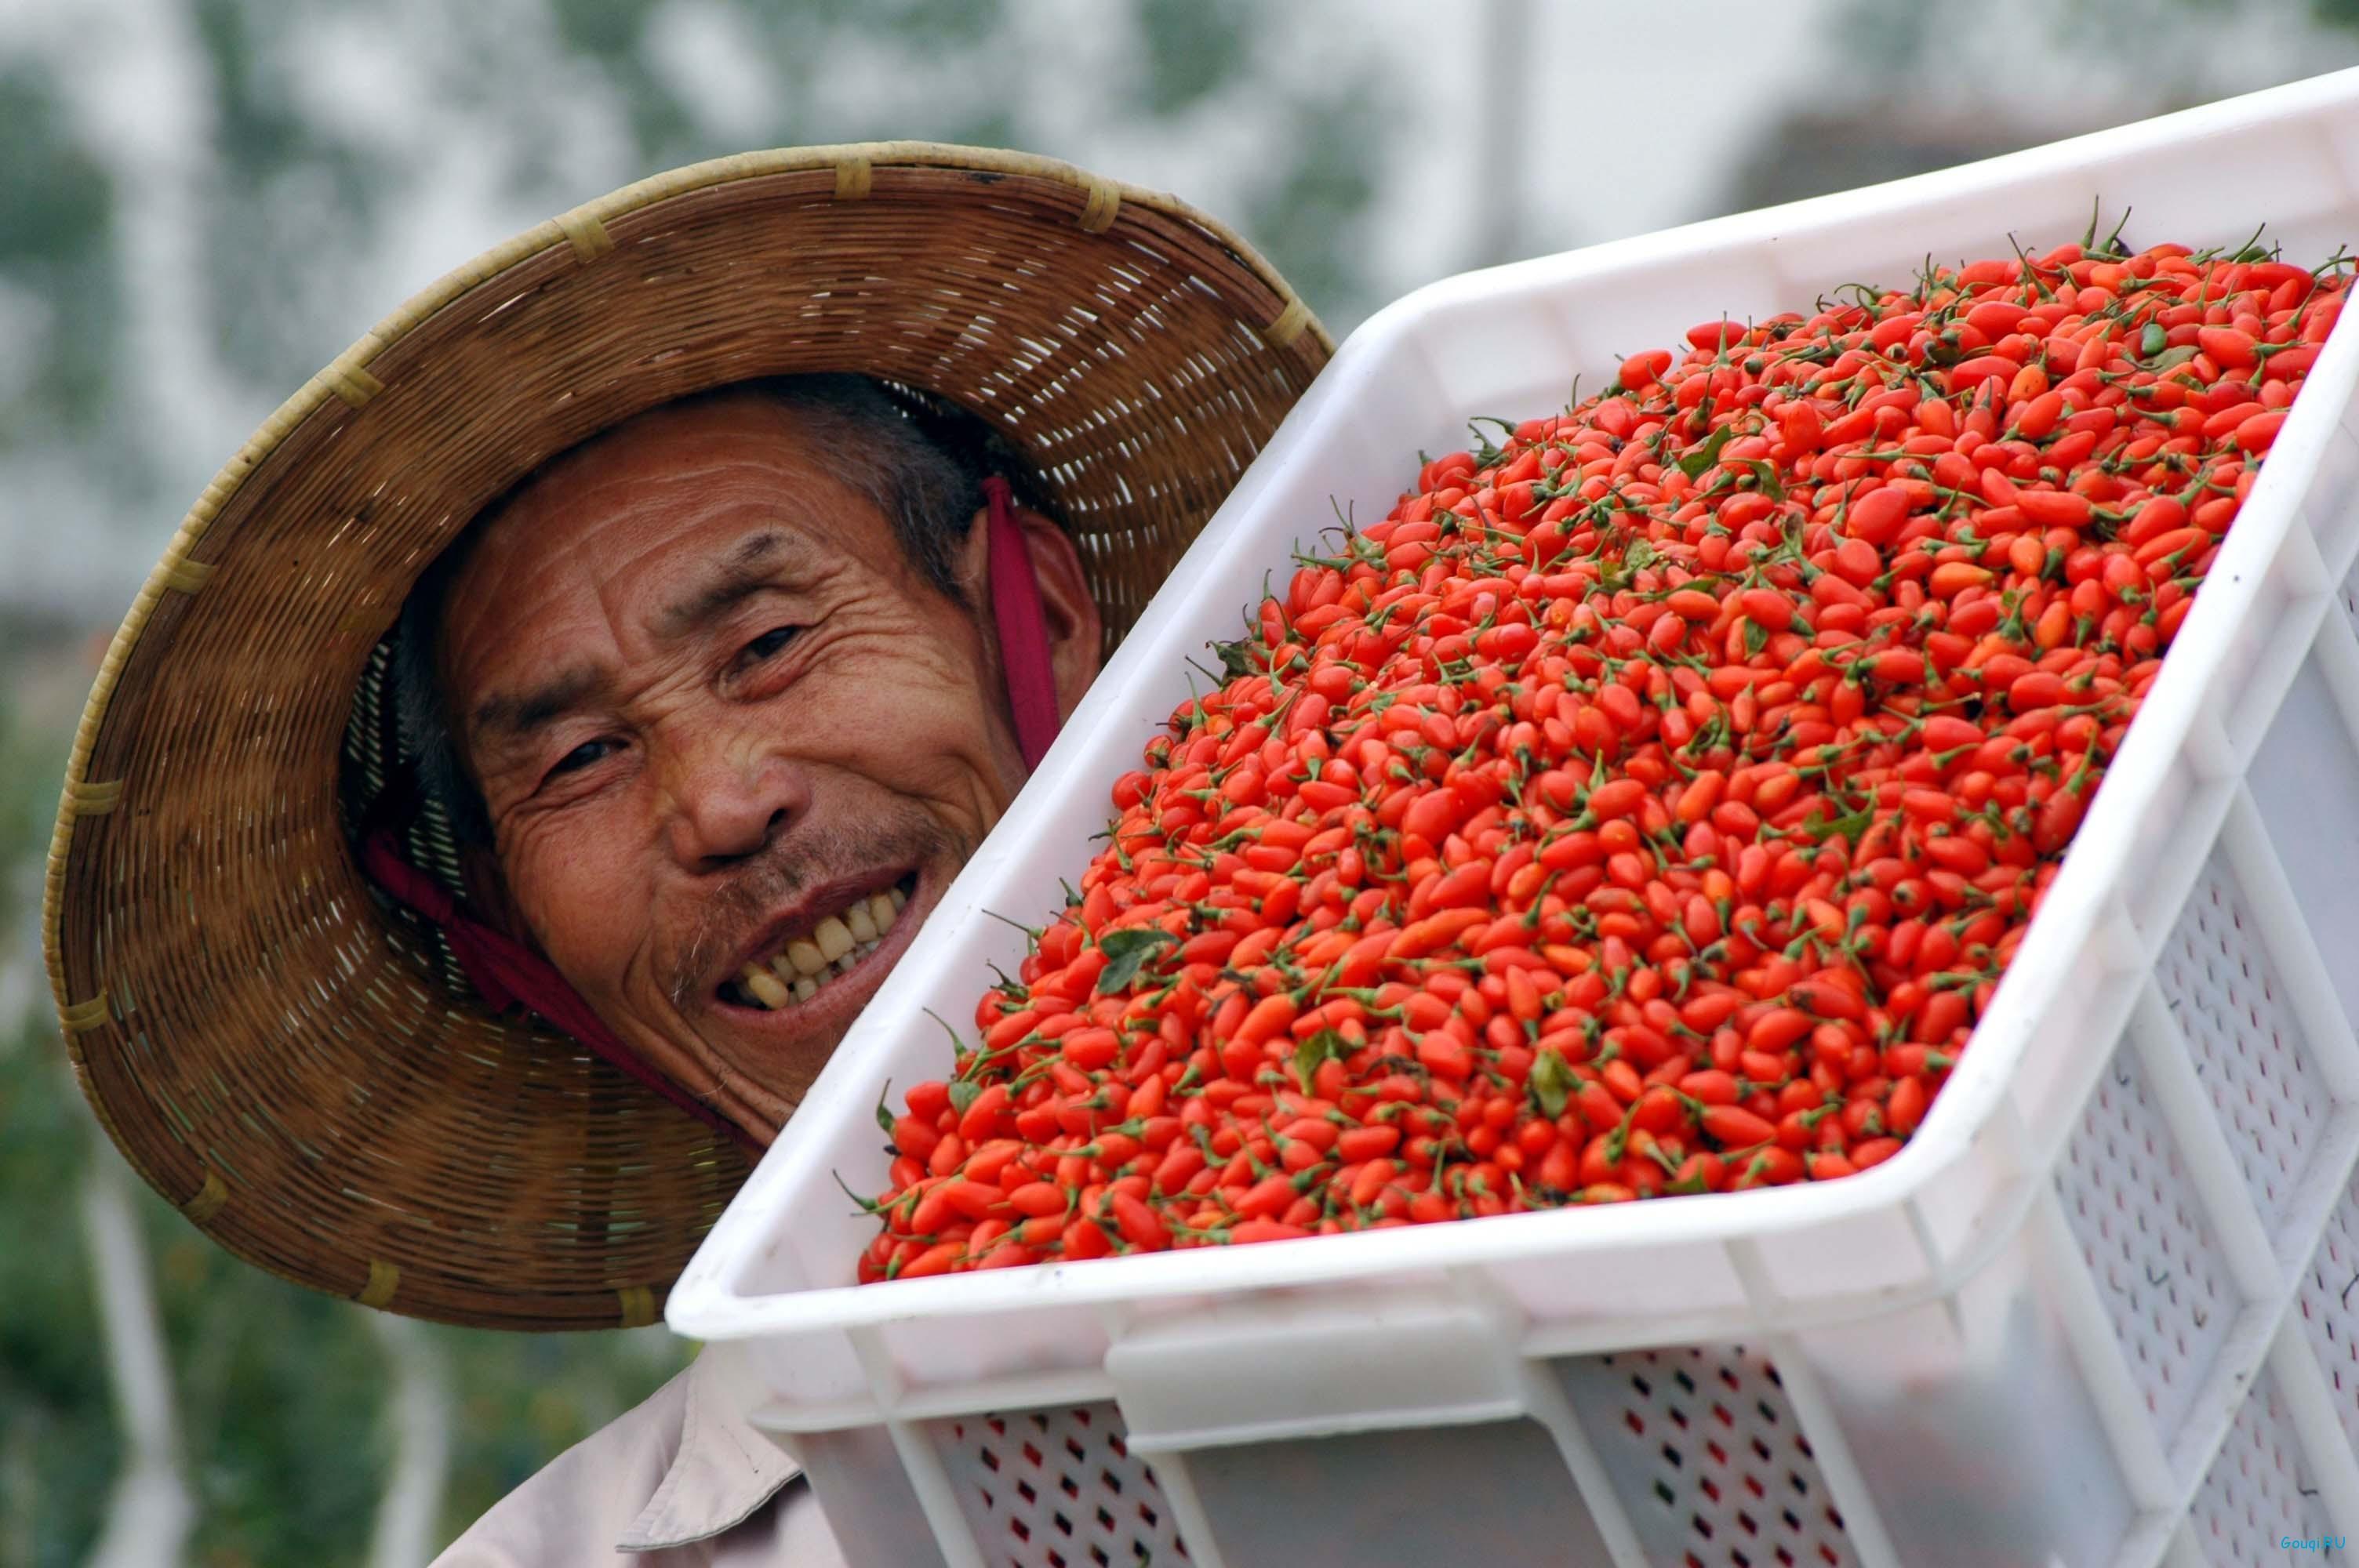 купить ягоды годжи в кривом роге